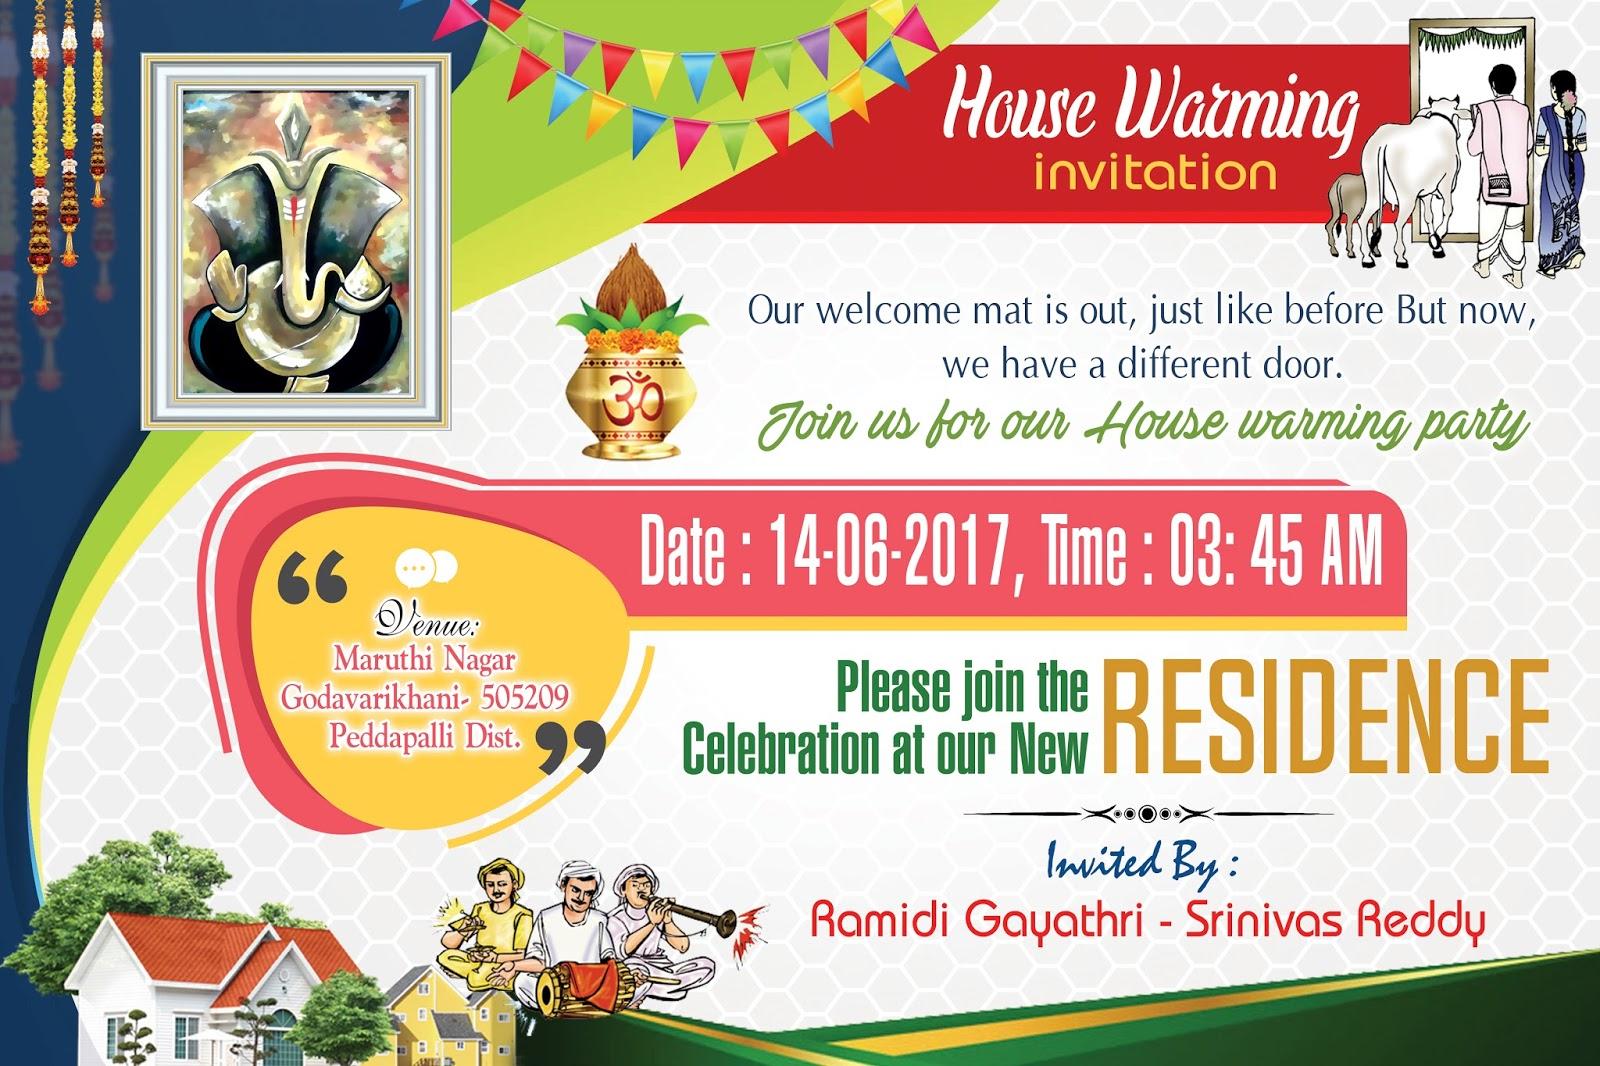 Housewarming invitation card psd template free download naveengfx housewarming invitation card psd vector template free downloads for photoshop stopboris Choice Image